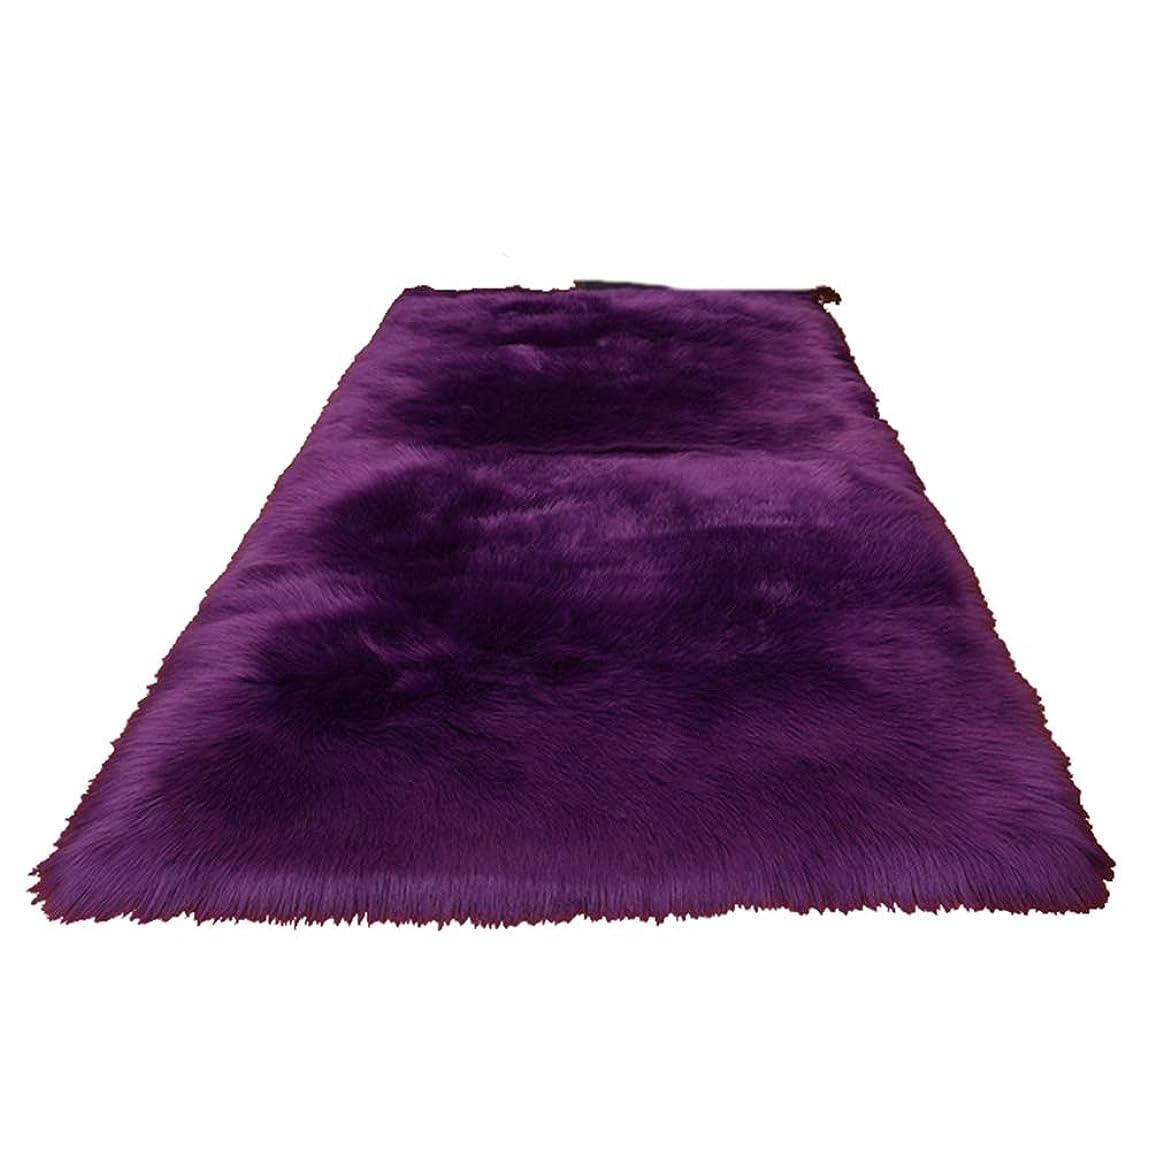 マエストロ宿る教えラグマット 洗える カーペット 120×180cm 滑り止め付 120*180 厚手 抗菌防臭 防ダニ 床暖房対応 長毛 柔らかい マイクロファイバー 北欧 無地 オシャレ 絨毯 柔らかい オールシーズン ホットカーペット対応 パープル